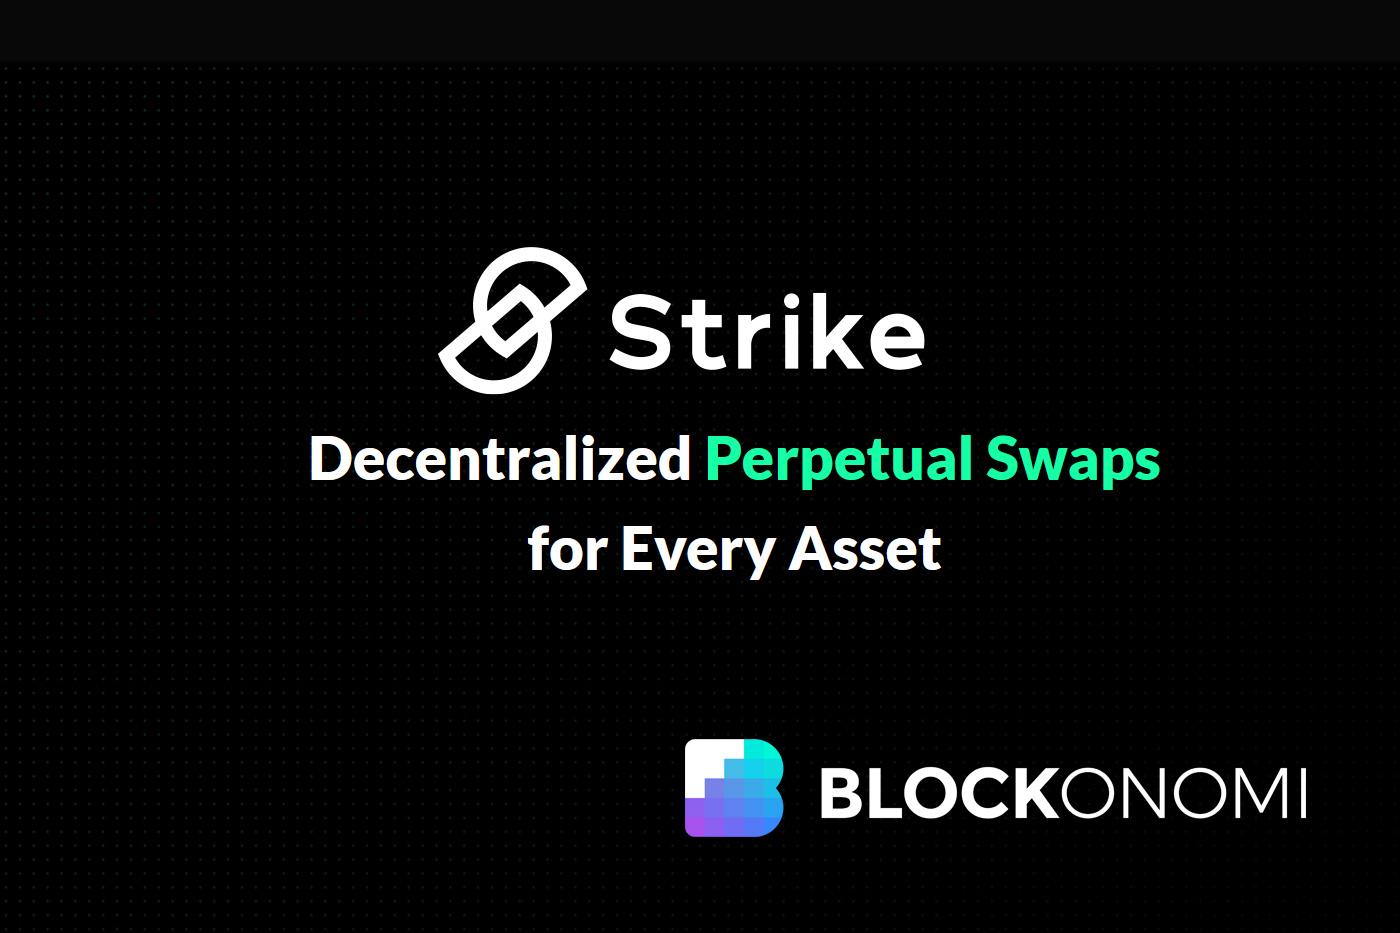 Strike Protocol Meluncurkan Platform Swap Baru yang Terdesentralisasi di Ethereum